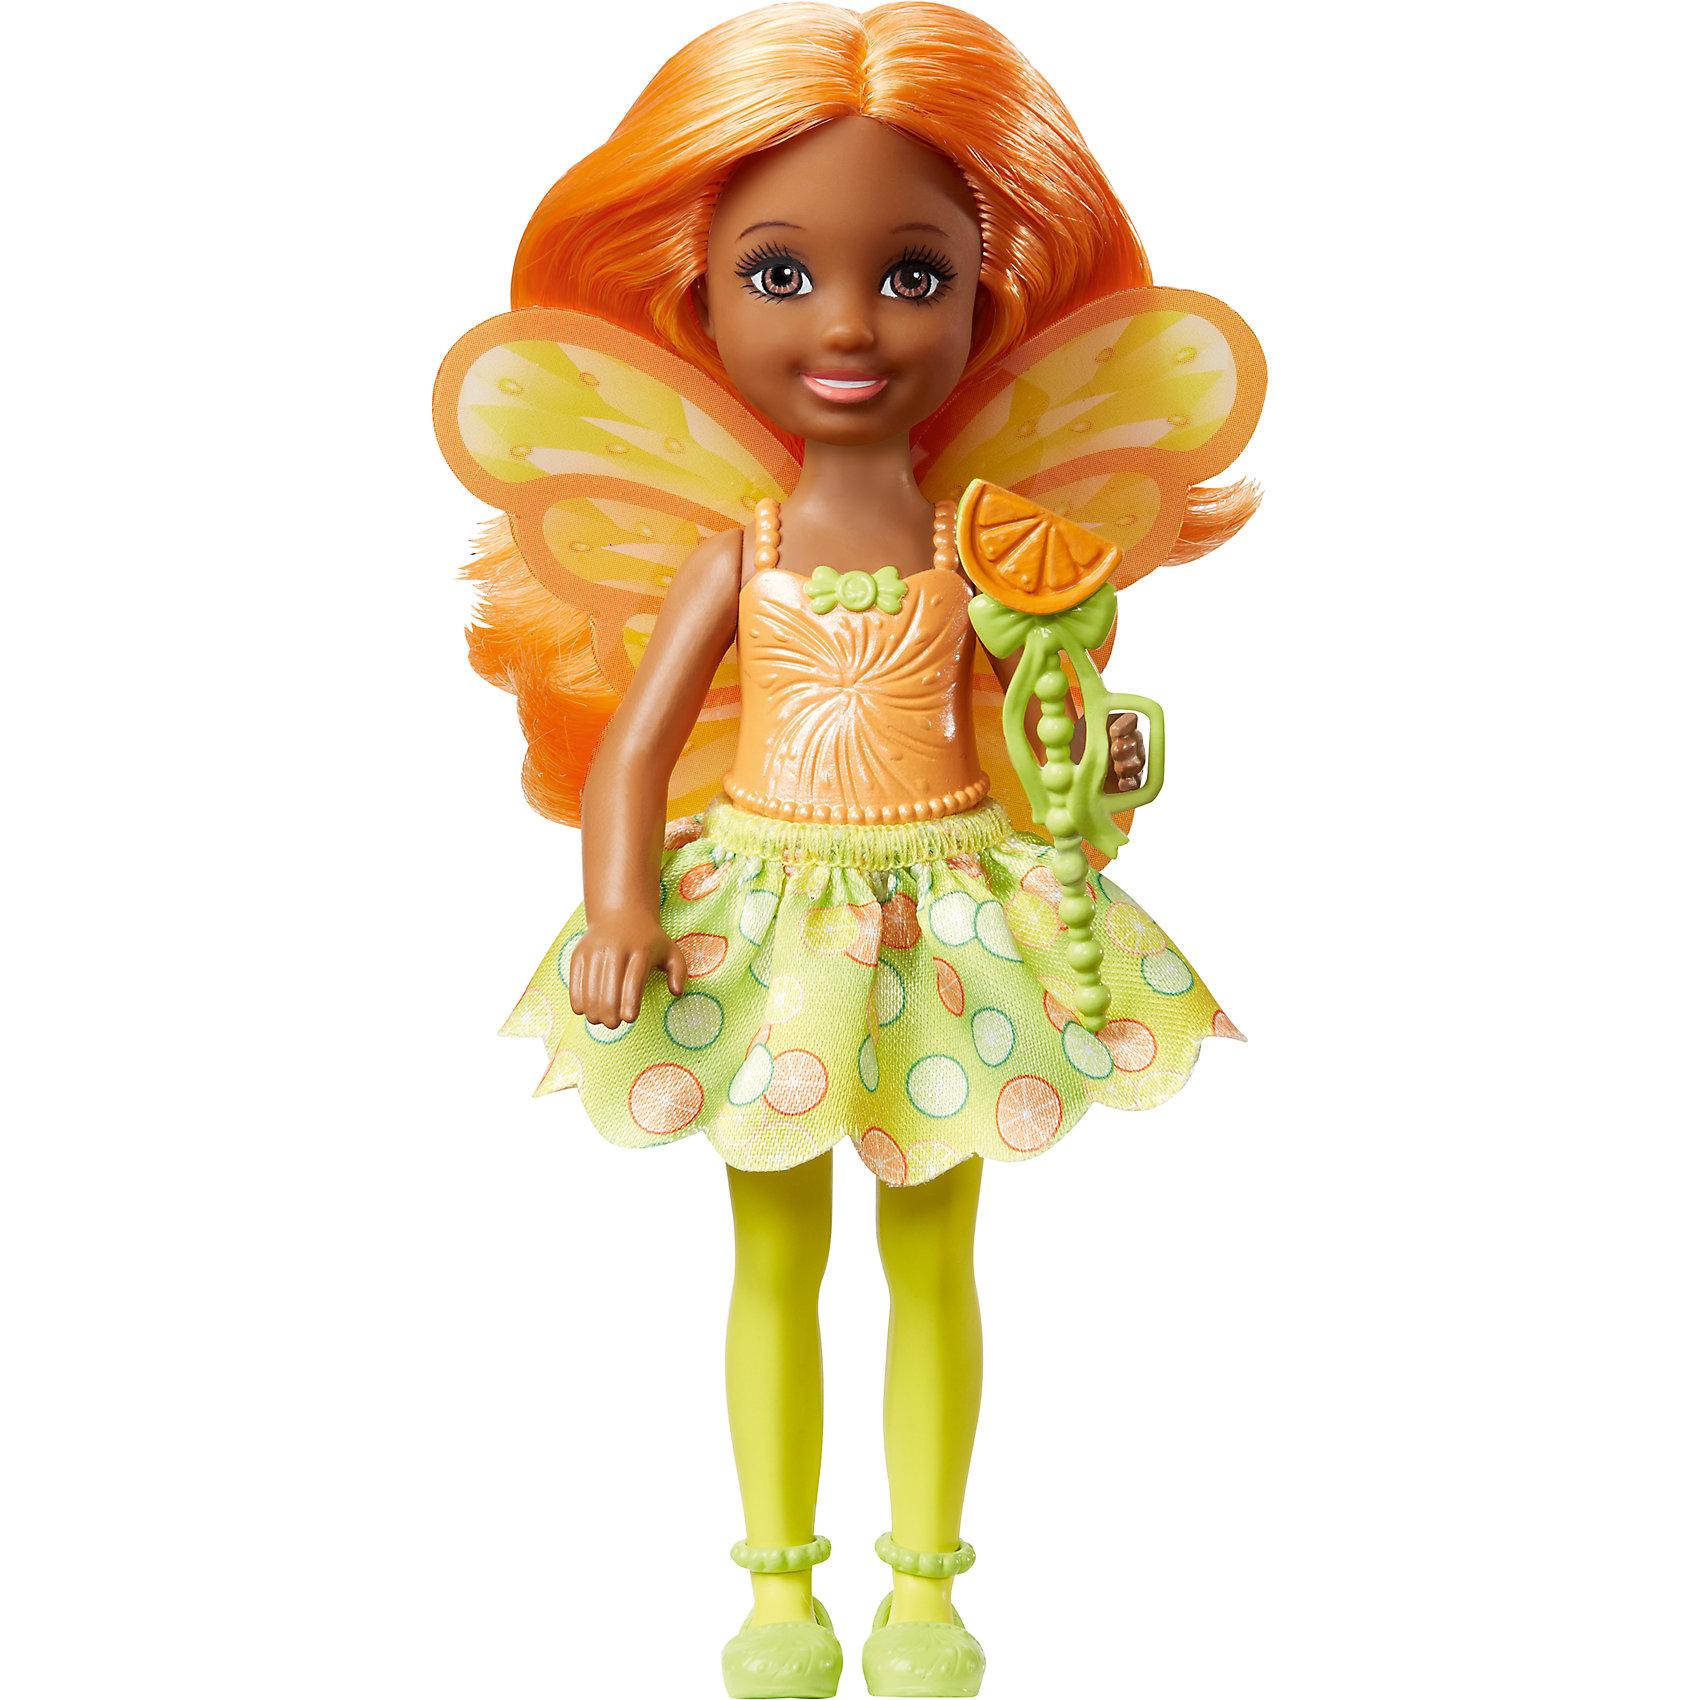 Маленькая фея-челси, BarbieПопулярные игрушки<br>Характеристики товара:<br><br>• комплектация: 1 кукла<br>• материал: пластик, полимер<br>• серия: Barbie™ Dreamtopia «Сладкое Королевство»<br>• подвижные руки<br>• возраст: от трех лет<br>• размер упаковки: 10,5 x 18 x 4 см<br>• вес: 0,3 кг<br>• страна бренда: США<br><br>Маленьких любительниц куклы Barbie наверняка порадует малышка Челси в образе волшебной феи. Она выглядит очаровательно в ярком наряде и с небольшими крылышками. Длинные волосы позволяют делать разнообразные прически! Эта Челси станет великолепным подарком для девочек!<br><br>Игры с куклами помогают развить у девочек вкус и чувство стиля, отработать сценарии поведения в обществе, развить воображение и мелкую моторику. Такую куклу удобно брать с собой в поездки и на прогулки. Маленькая Челси от бренда Mattel не перестает быть популярной! <br><br>Куклу Маленькая фея-челси, Barbie, из серии Dreamtopia «Сладкое Королевство»  от компании Mattel можно купить в нашем интернет-магазине.<br><br>Ширина мм: 100<br>Глубина мм: 40<br>Высота мм: 180<br>Вес г: 88<br>Возраст от месяцев: 36<br>Возраст до месяцев: 120<br>Пол: Женский<br>Возраст: Детский<br>SKU: 5430586